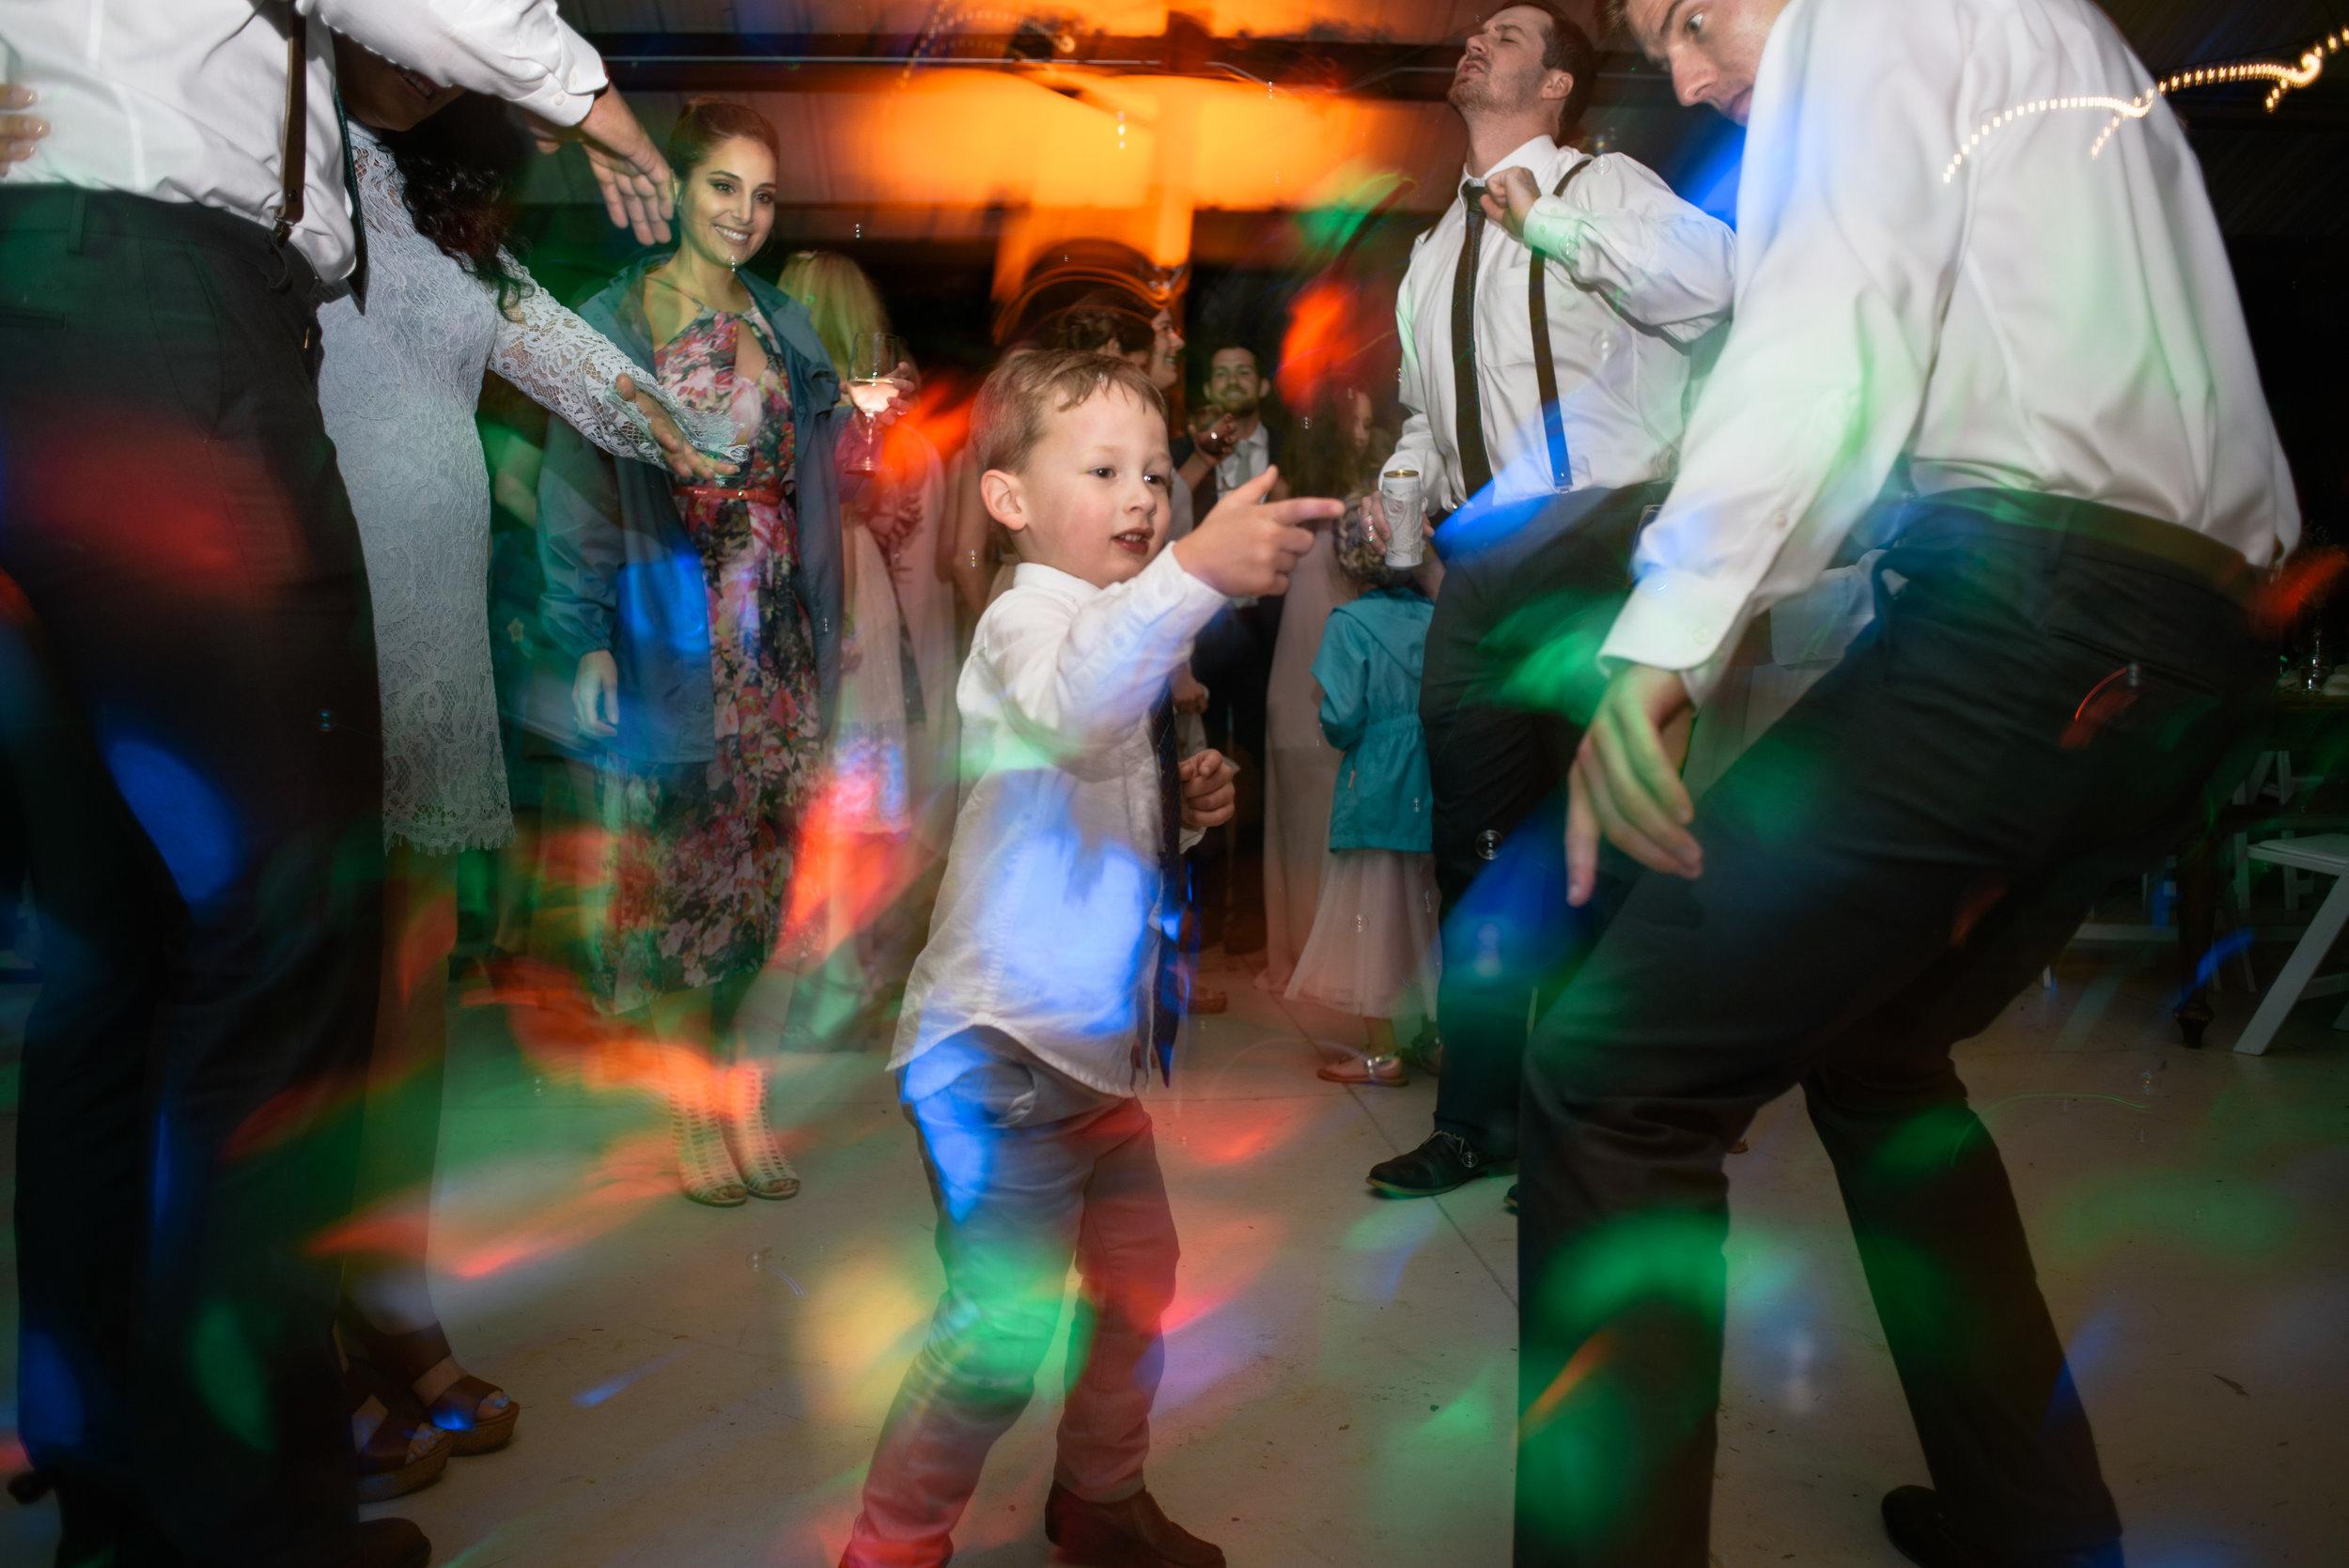 raleigh-elopement-photographer-raleigh-durham-wedding-maddie-and-devin- (149 of 162).jpg